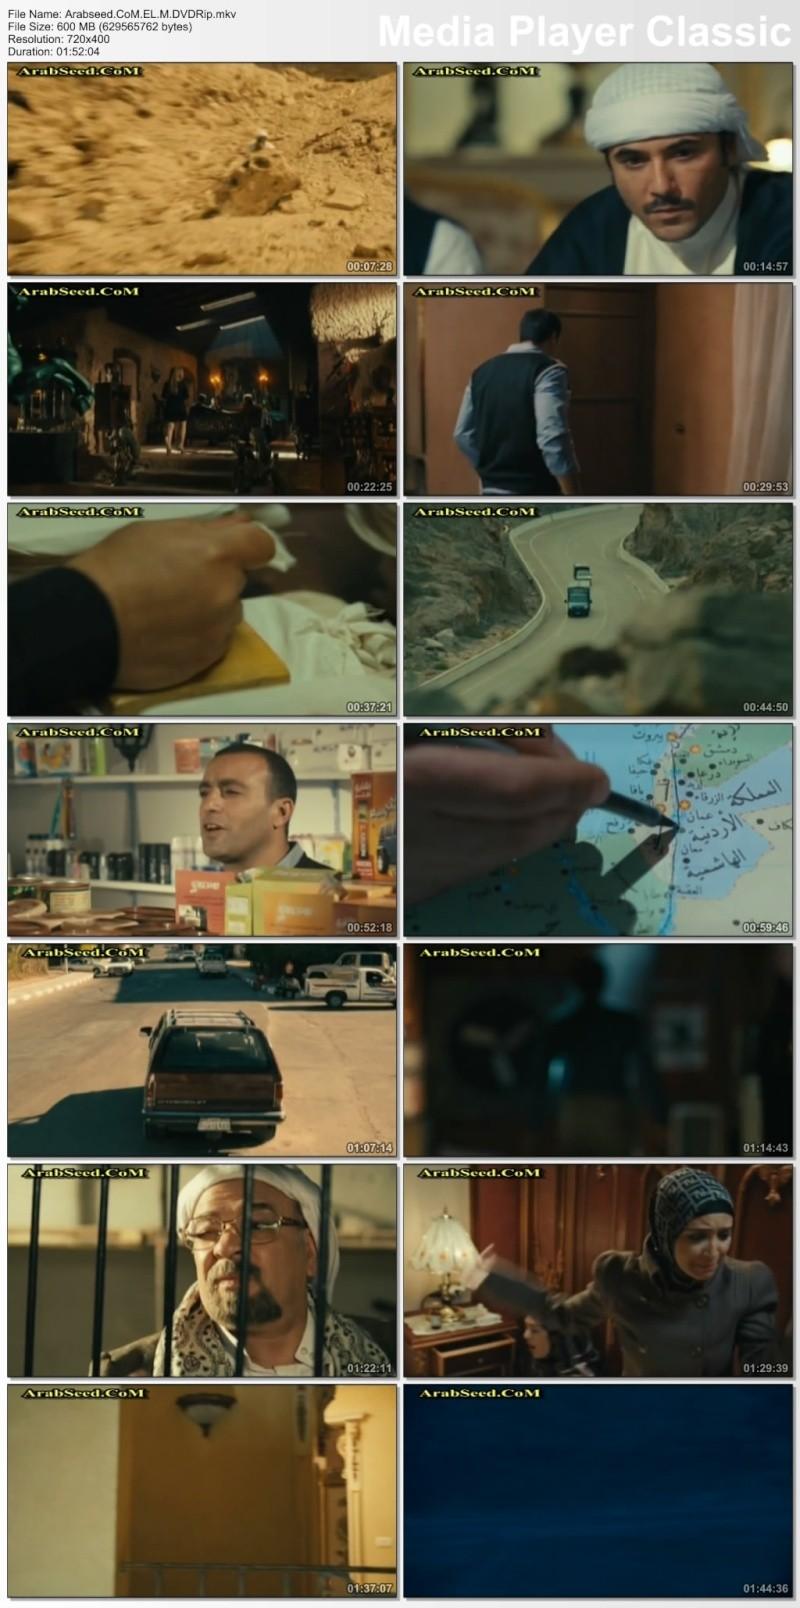 فيلم المصلحه بطوله احمد السقا arabse23.jpg